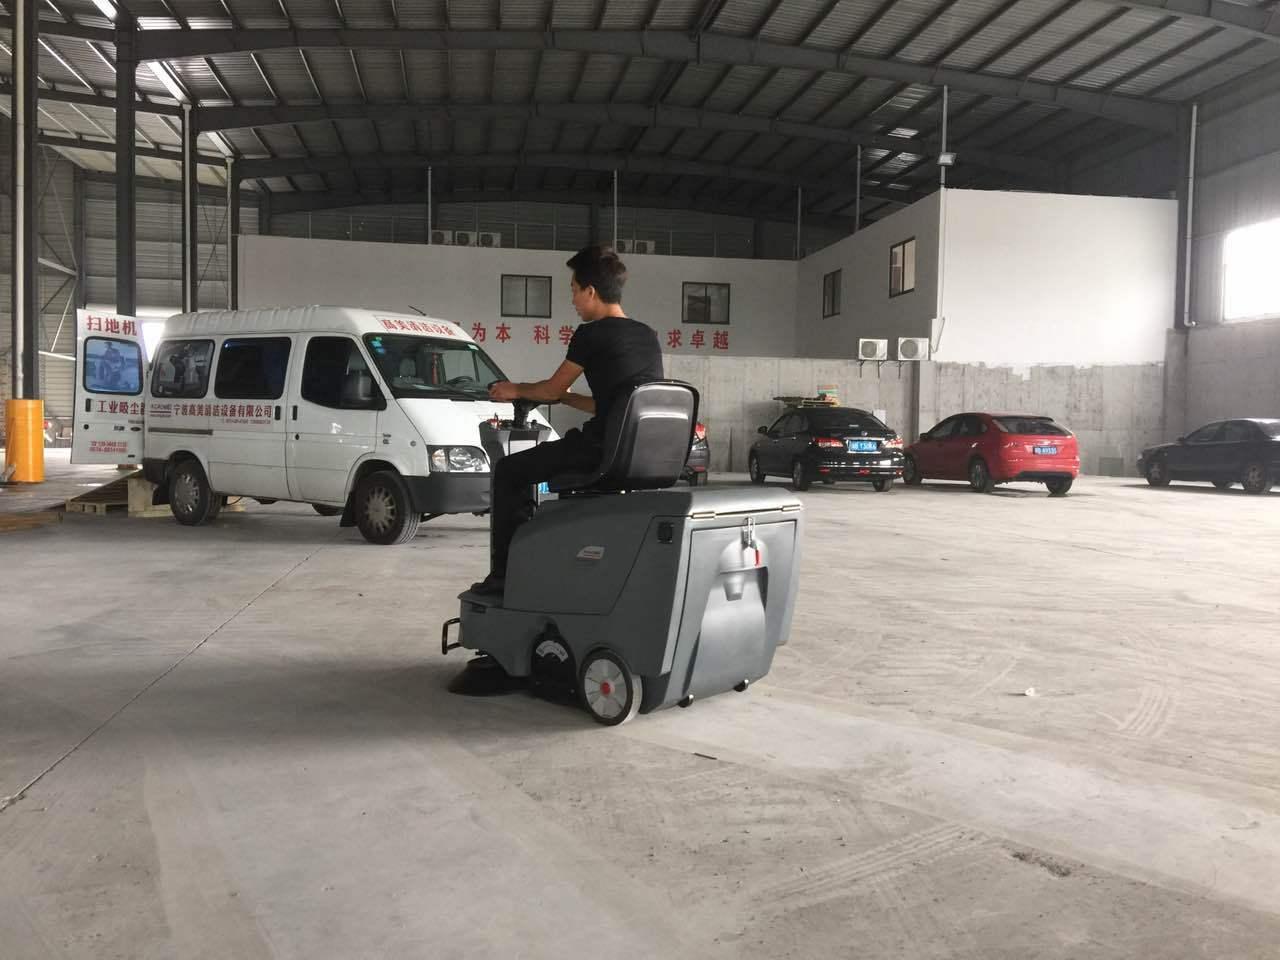 智能扫地拖地机器人